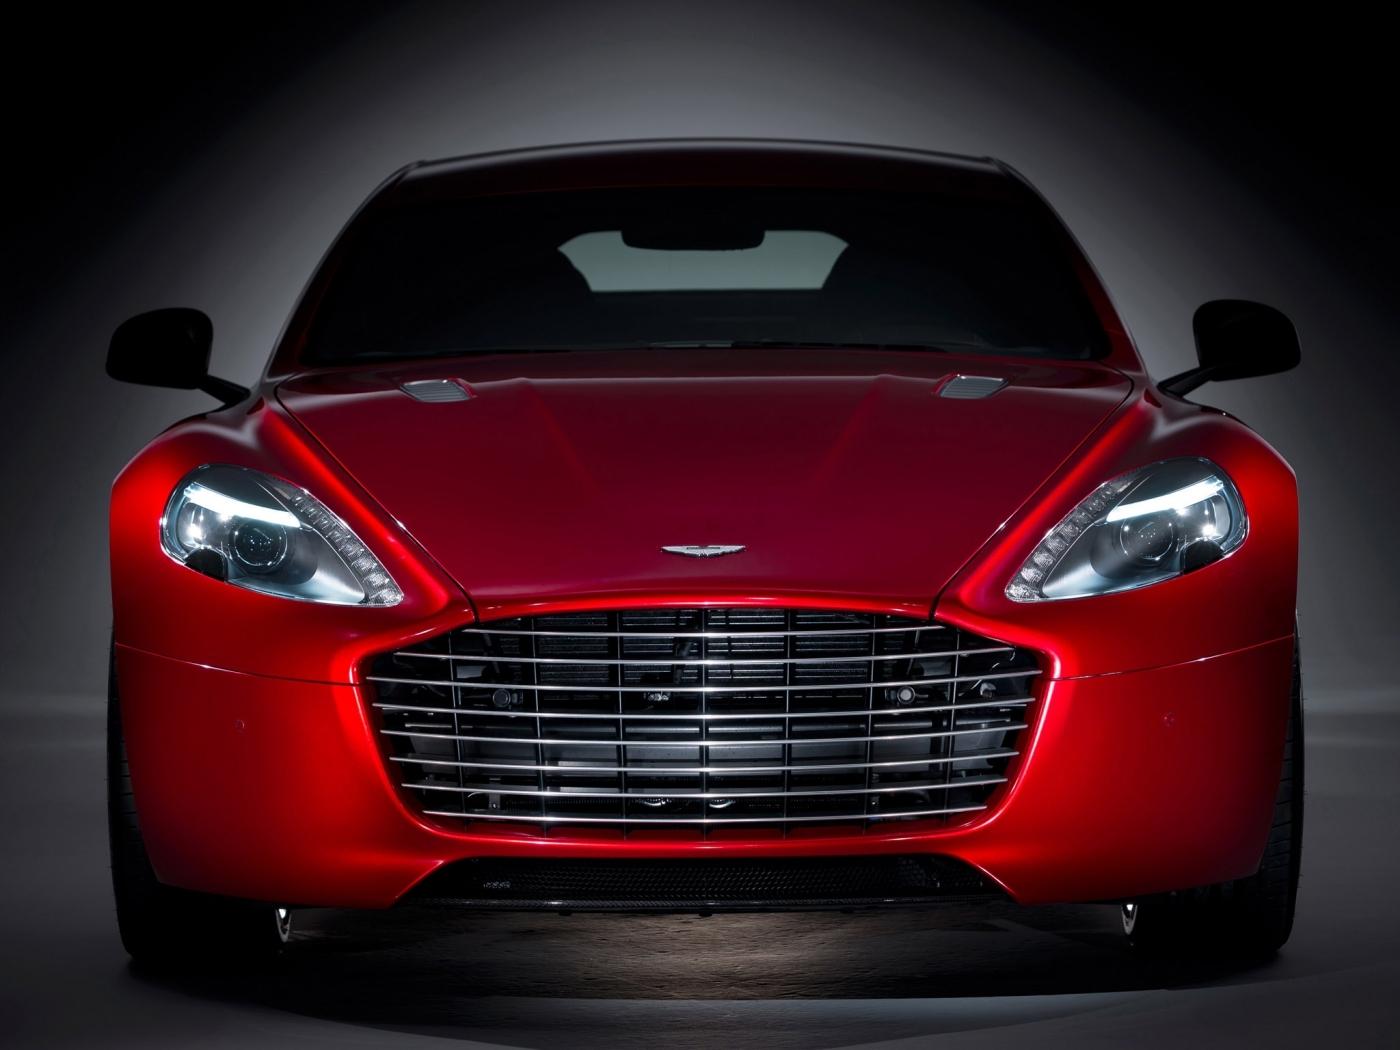 24163 скачать обои Транспорт, Машины, Астон Мартин (Aston Martin) - заставки и картинки бесплатно